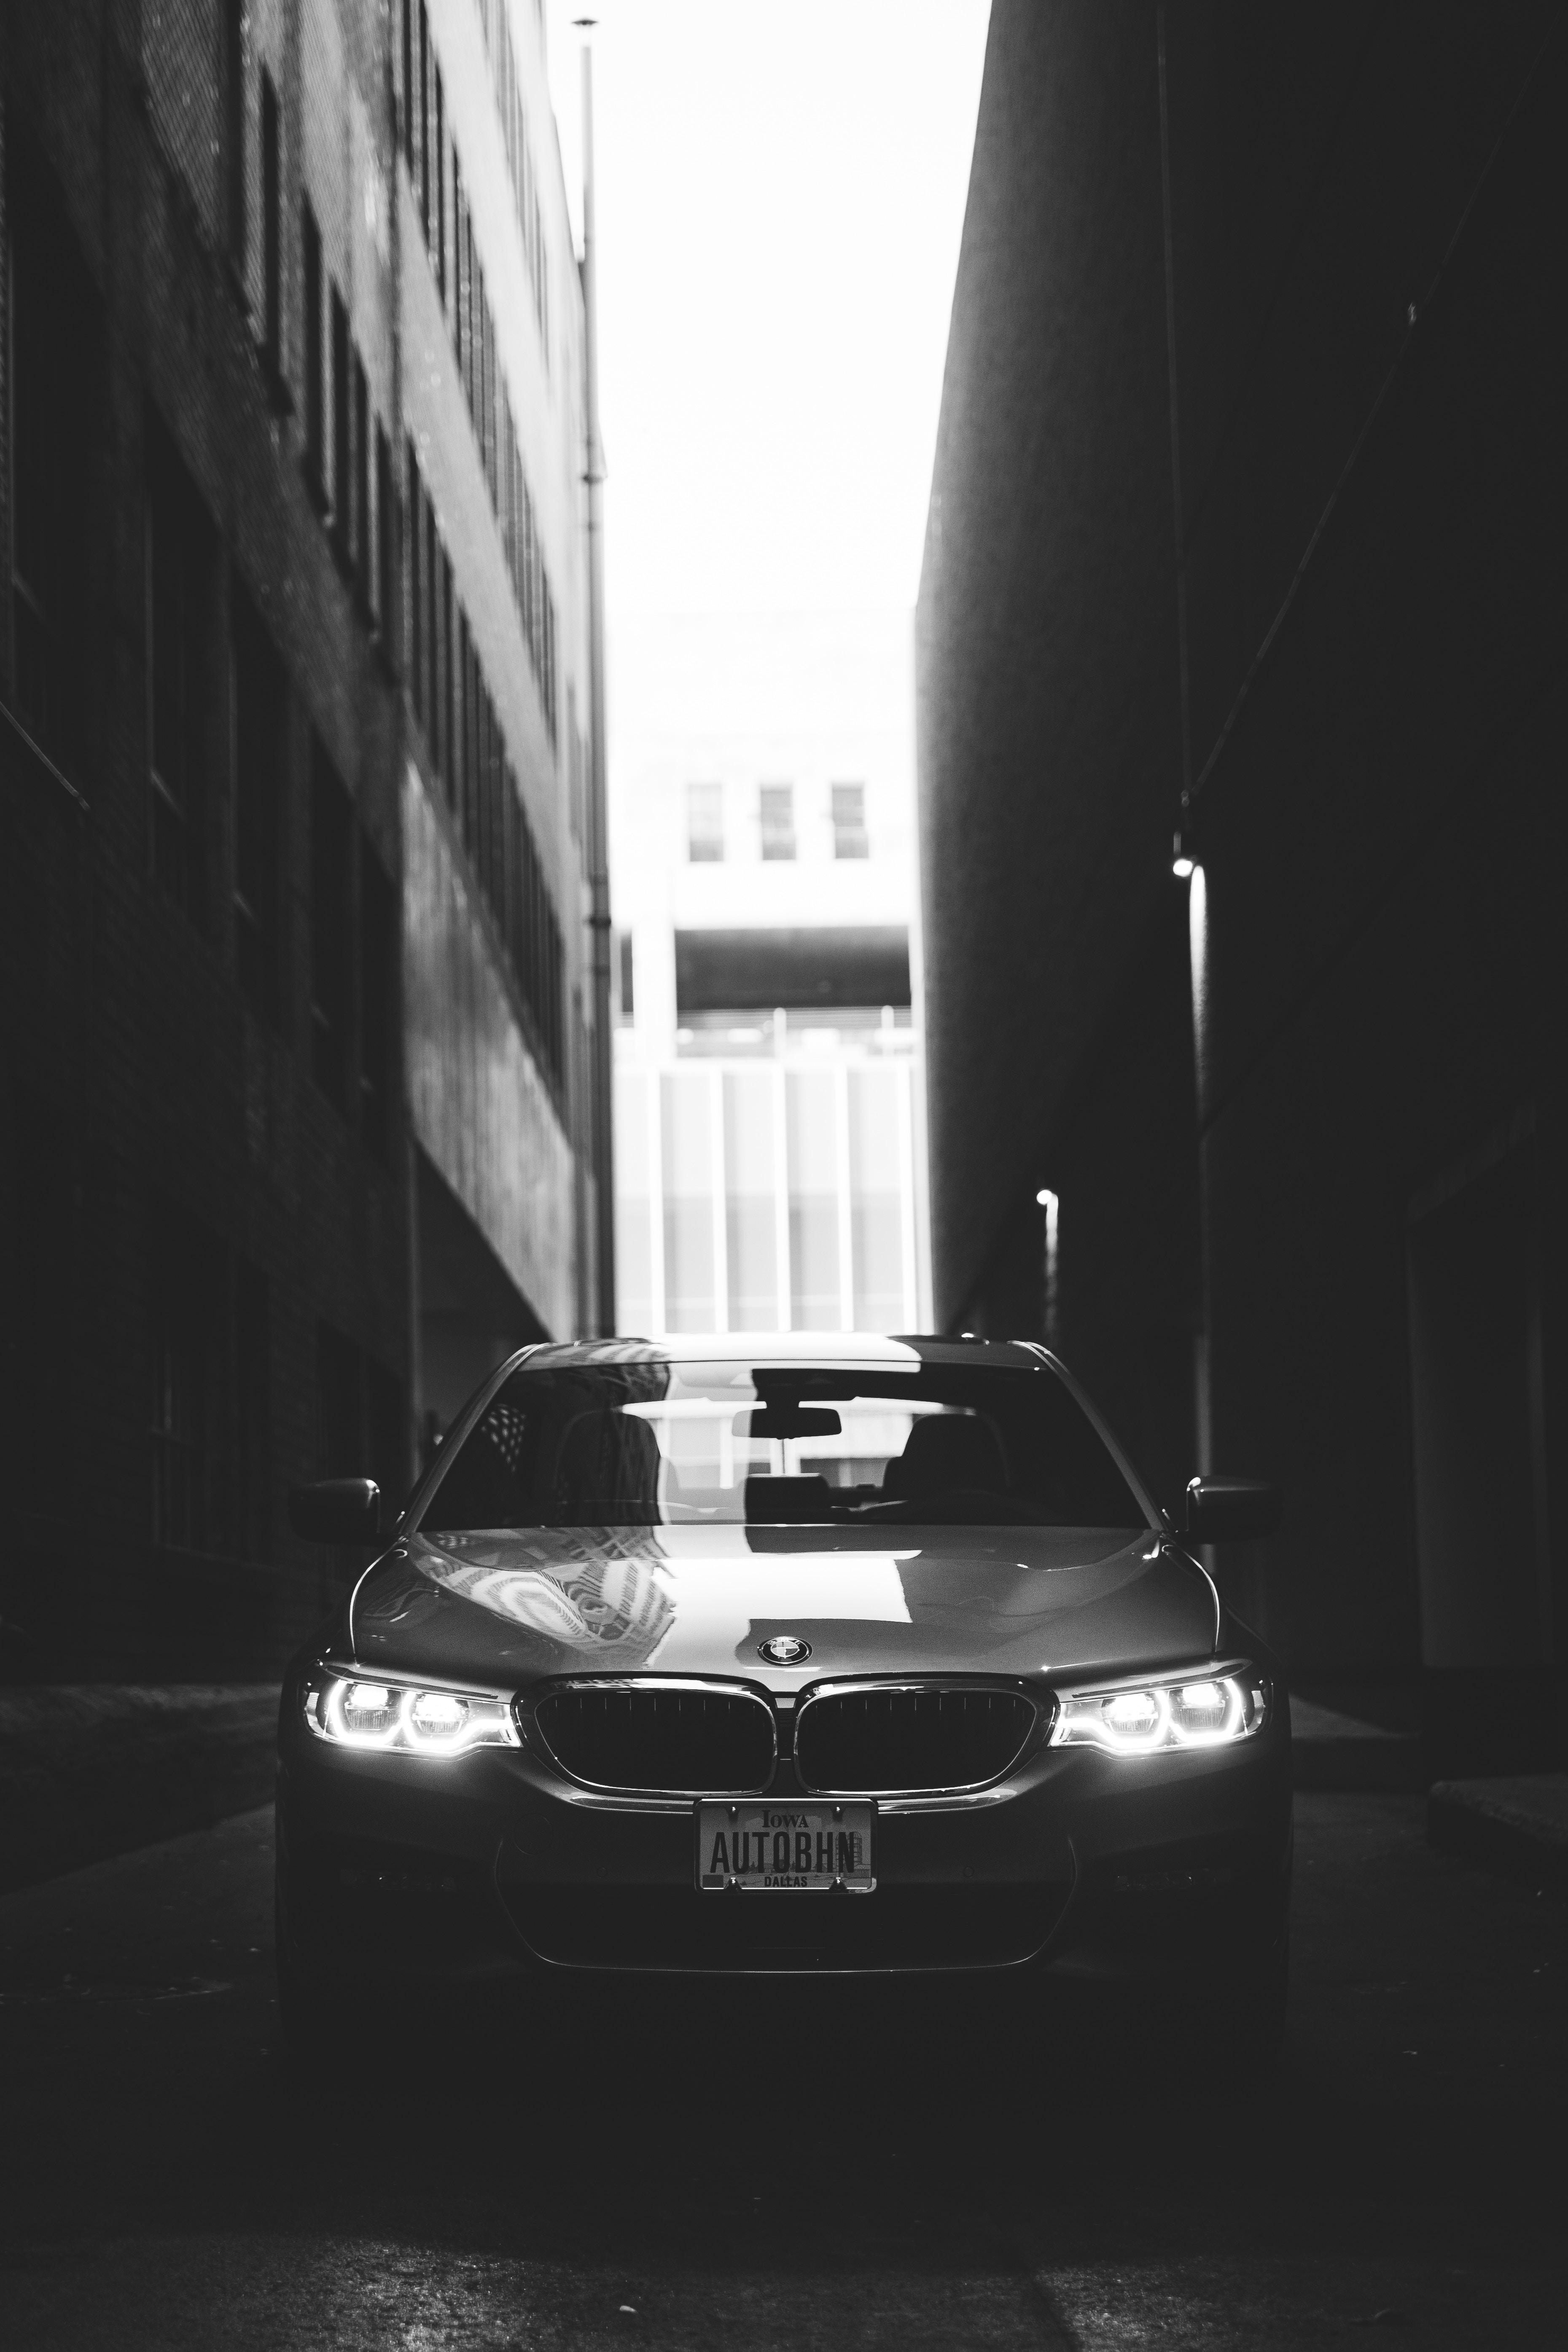 113349 скачать обои Тачки (Cars), Бмв (Bmw), Автомобиль, Чб - заставки и картинки бесплатно